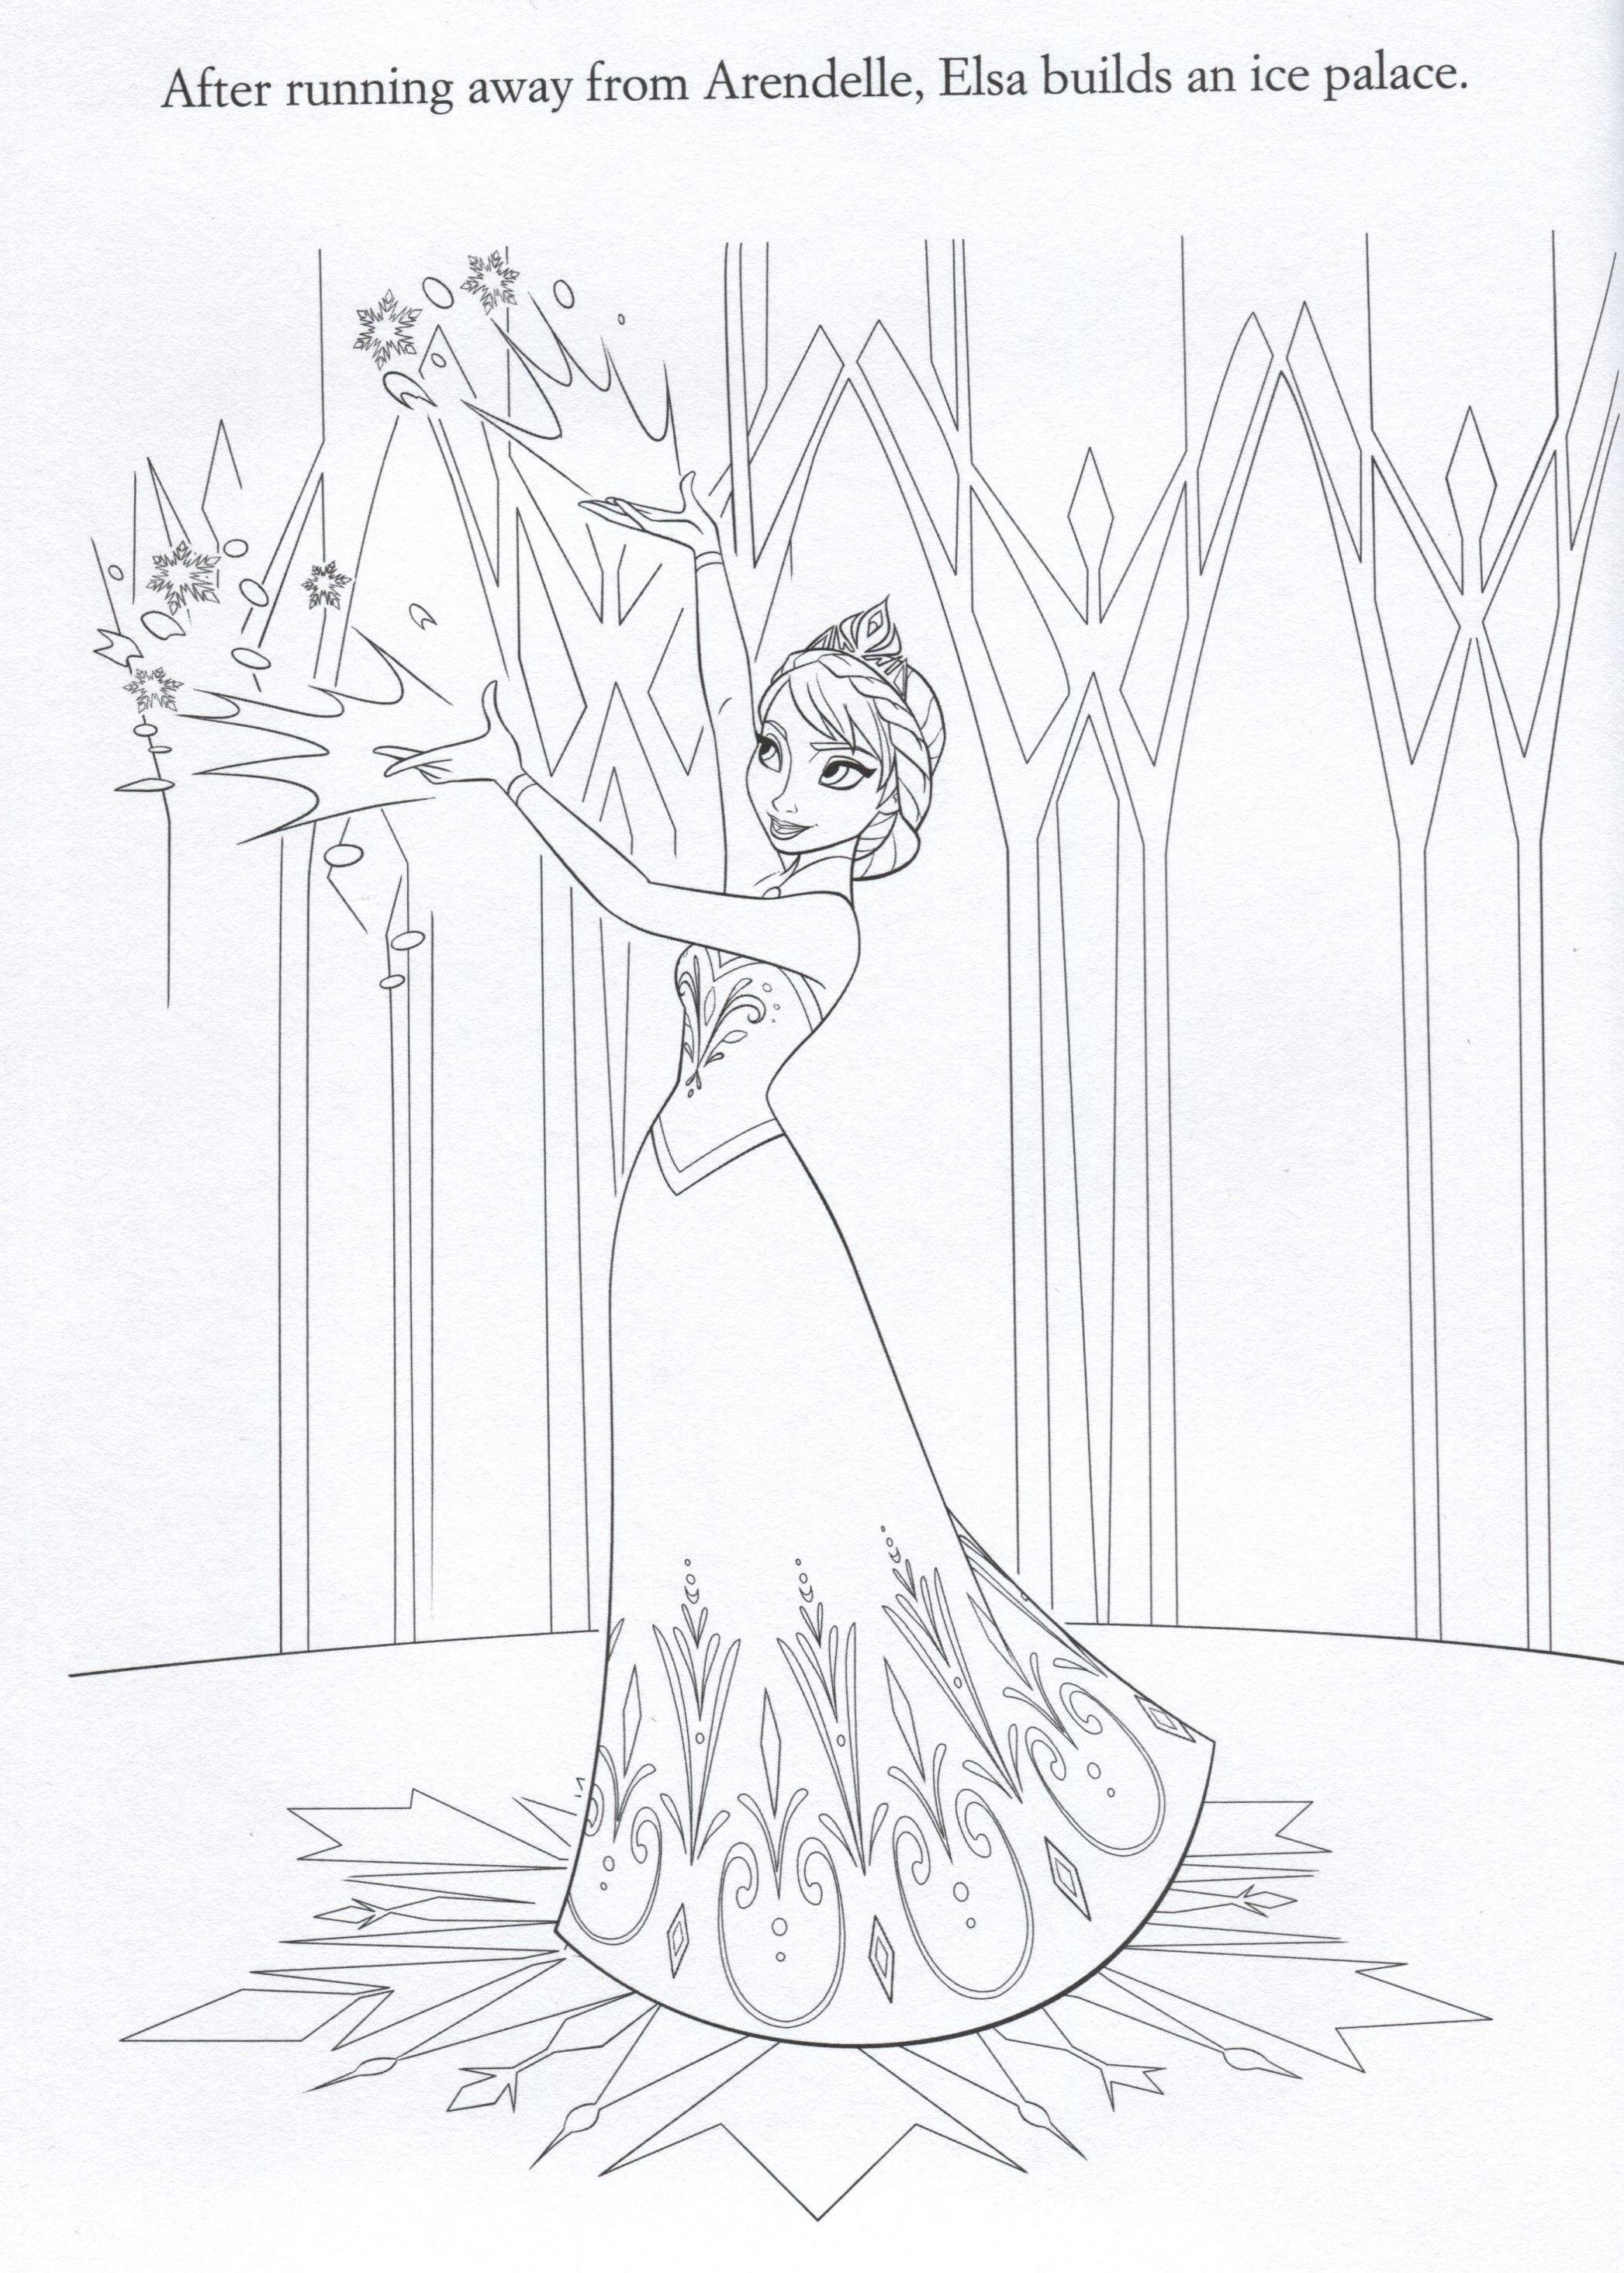 Frozen Photo Official Frozen Illustrations Coloring Pages Frozen Coloring Pages Disney Coloring Pages Disney Princess Coloring Pages